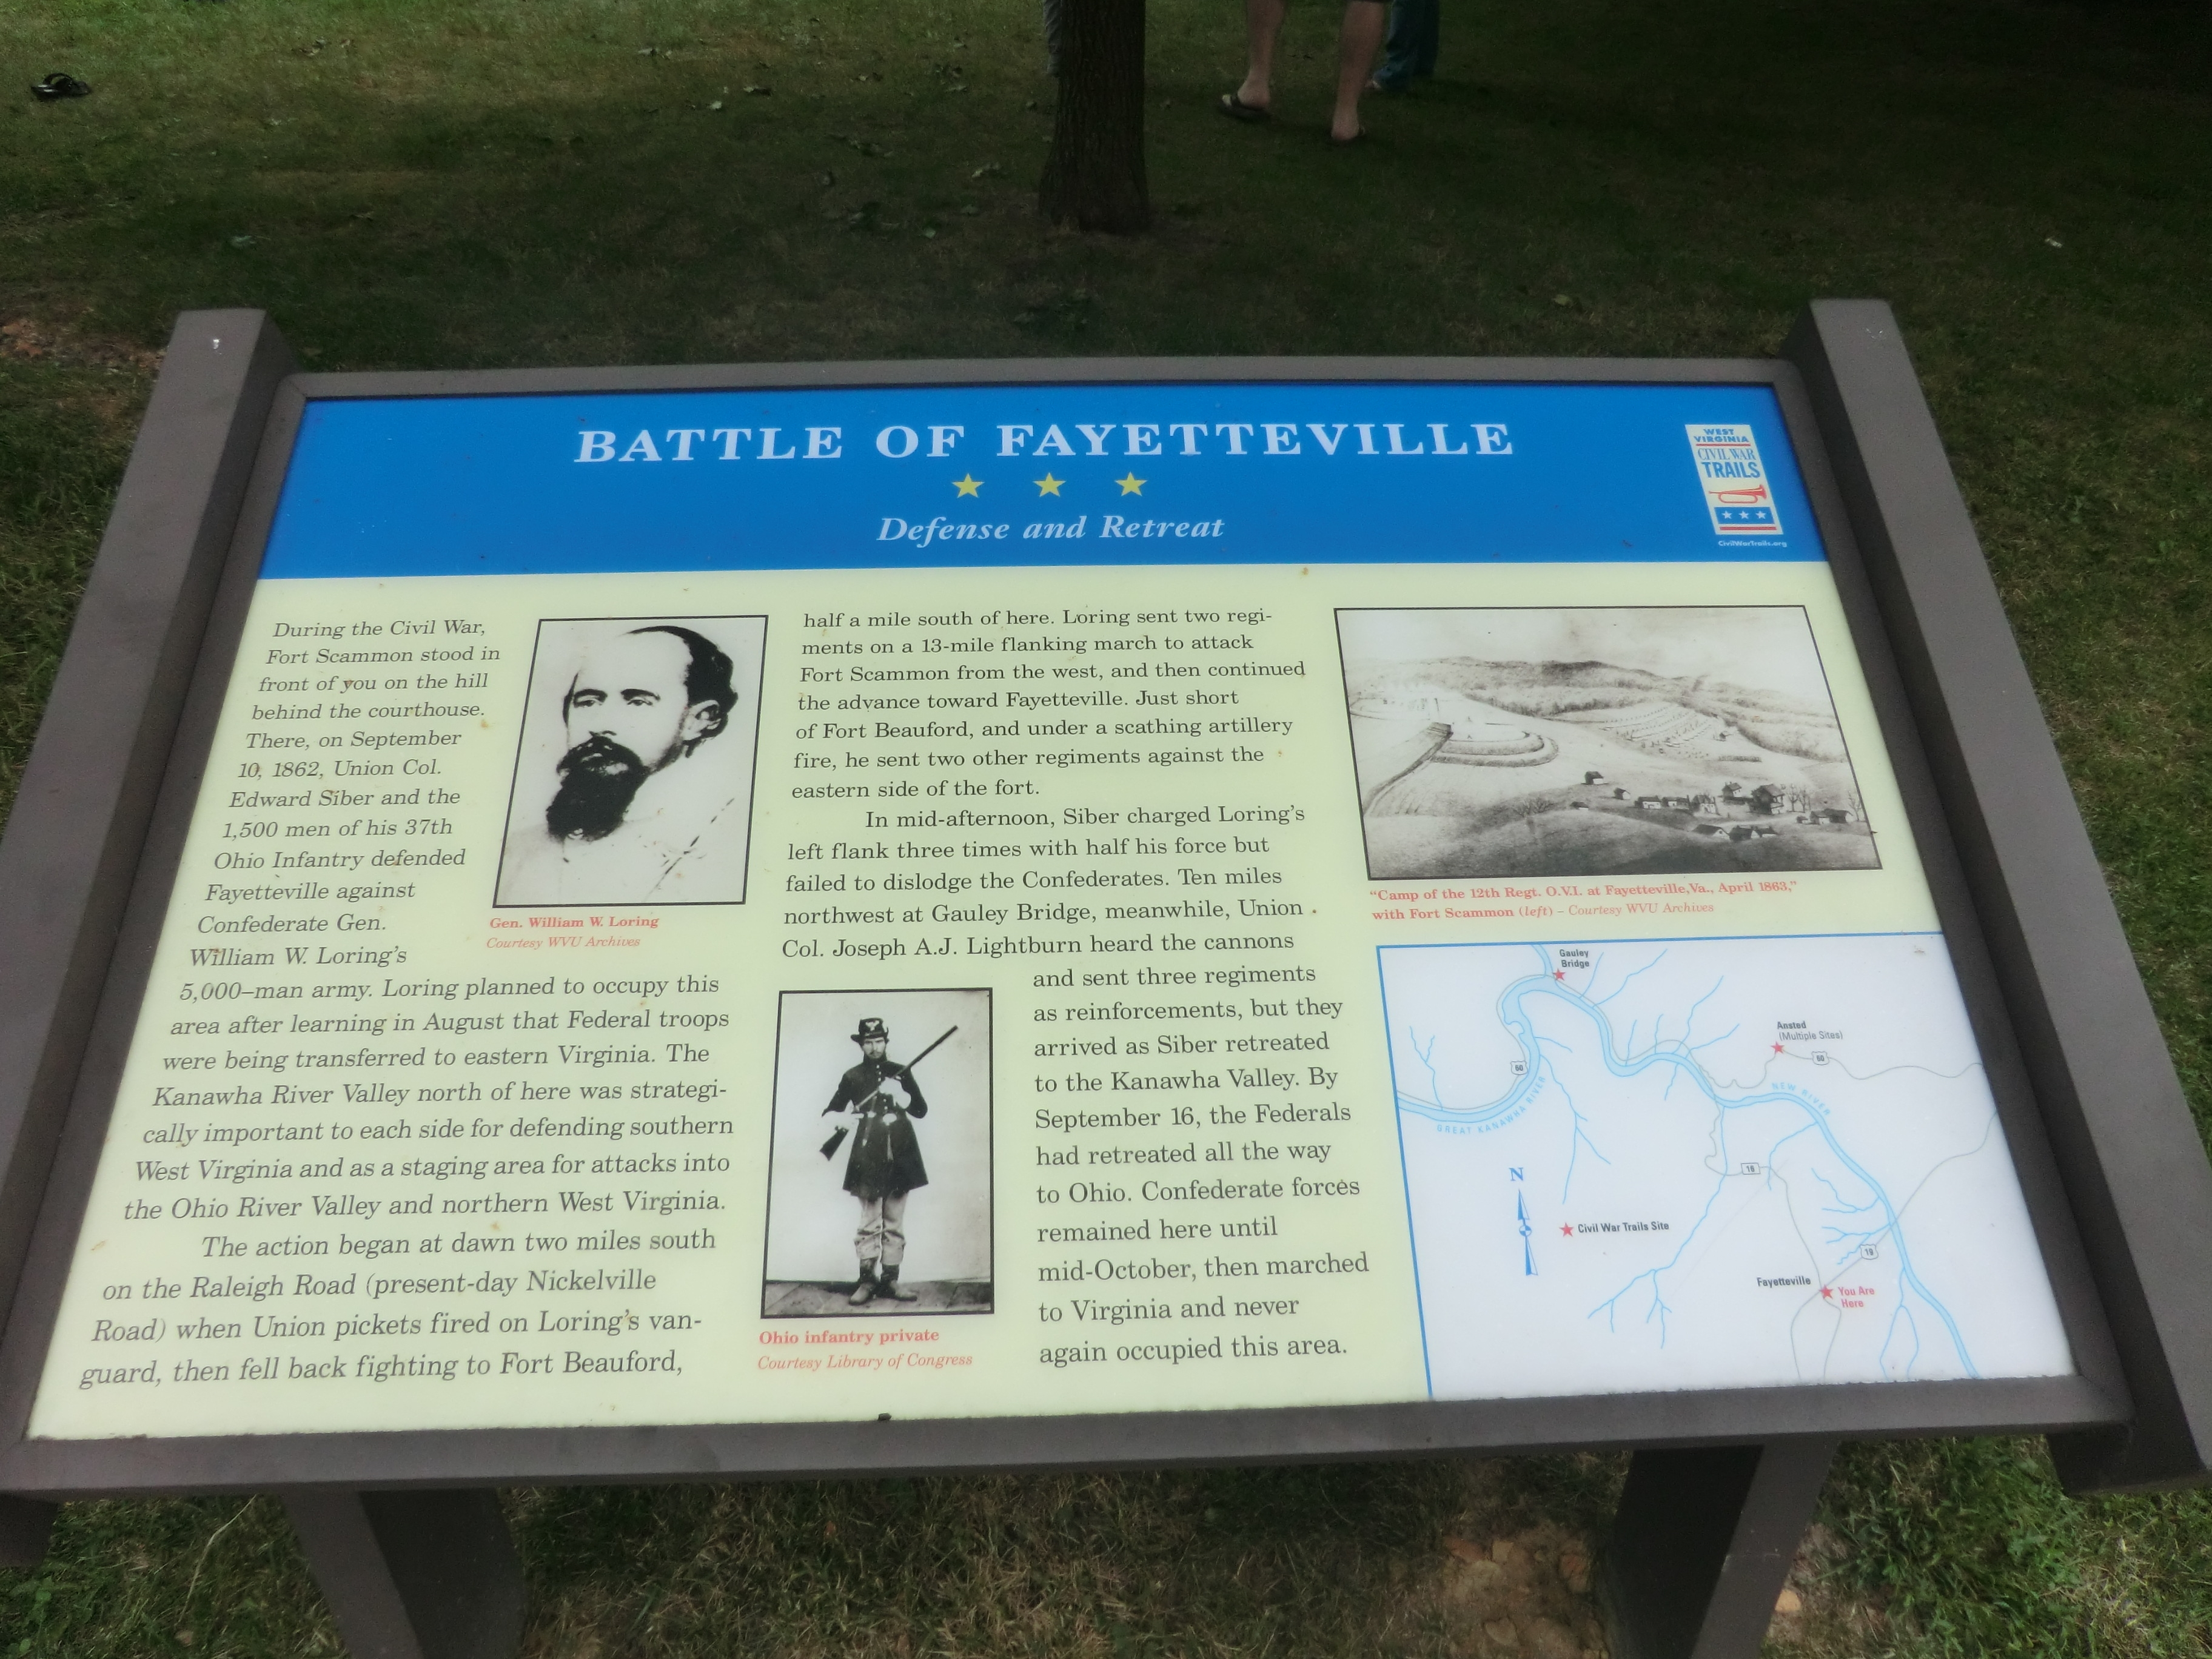 Battle of Fayetteville Marker